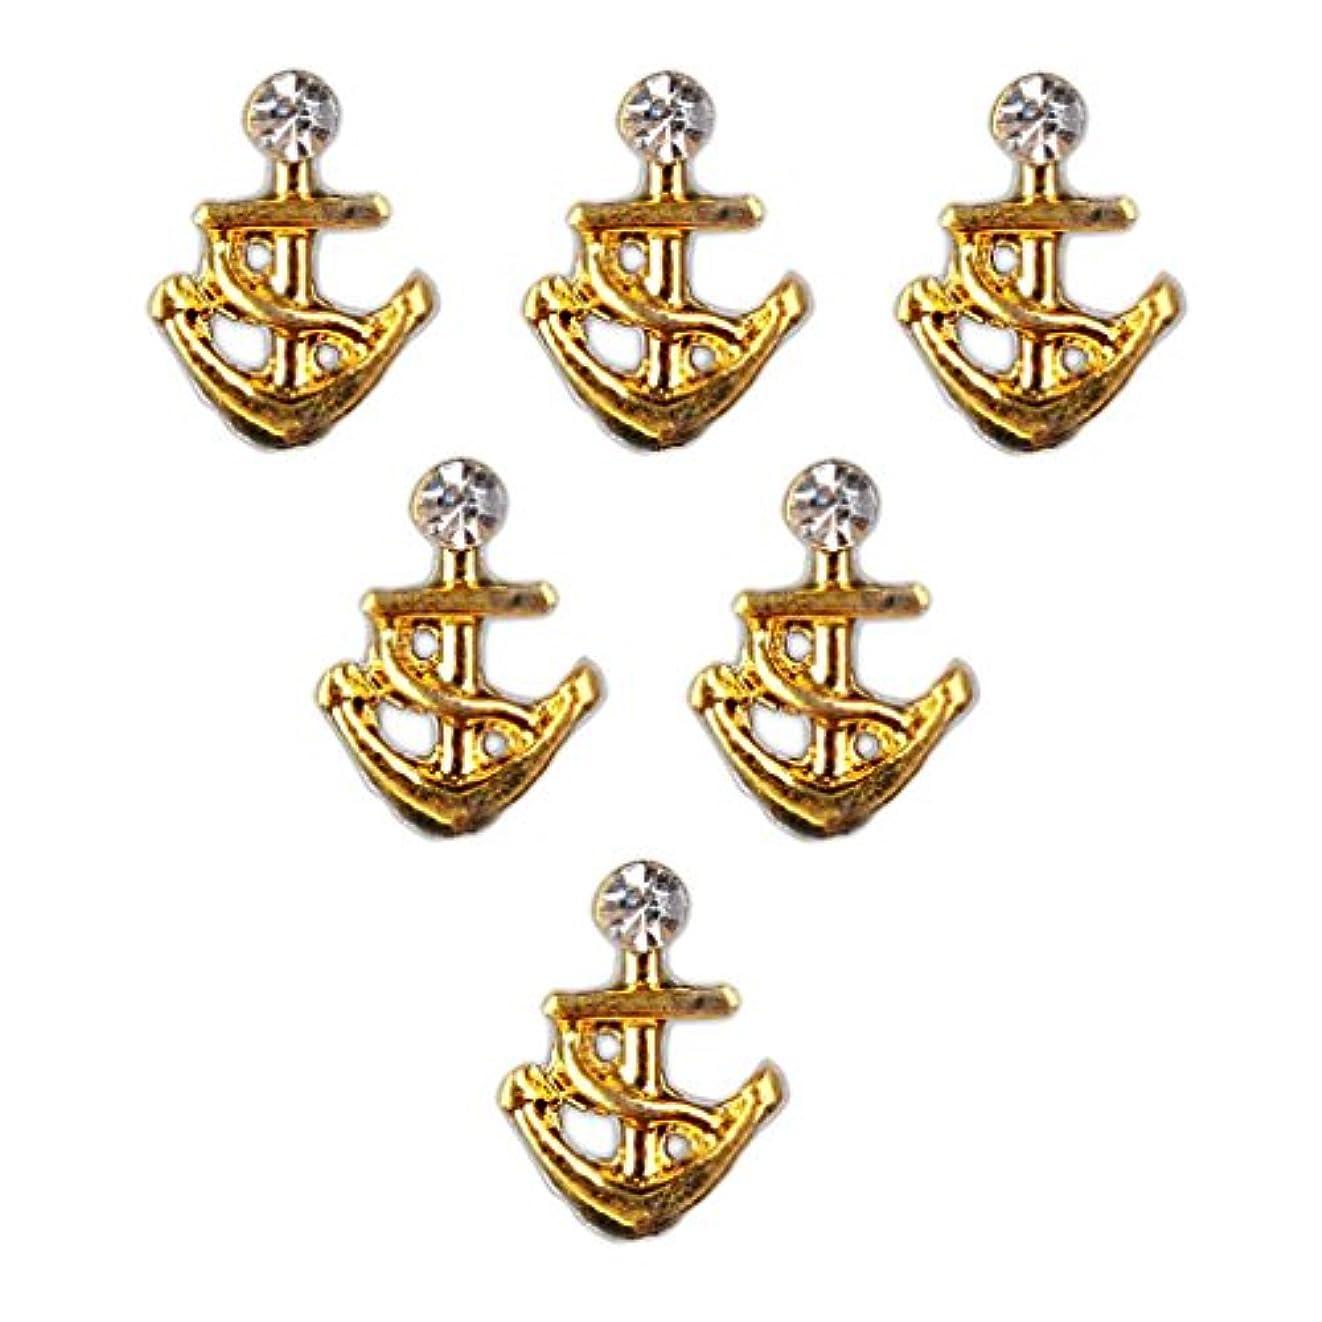 とげのある正当な入り口ネイル ネイルデザイン ダイヤモンド 約50個 3Dネイルアート ヒントステッカー 装飾 おしゃれ 全8タイプ選べ - 1